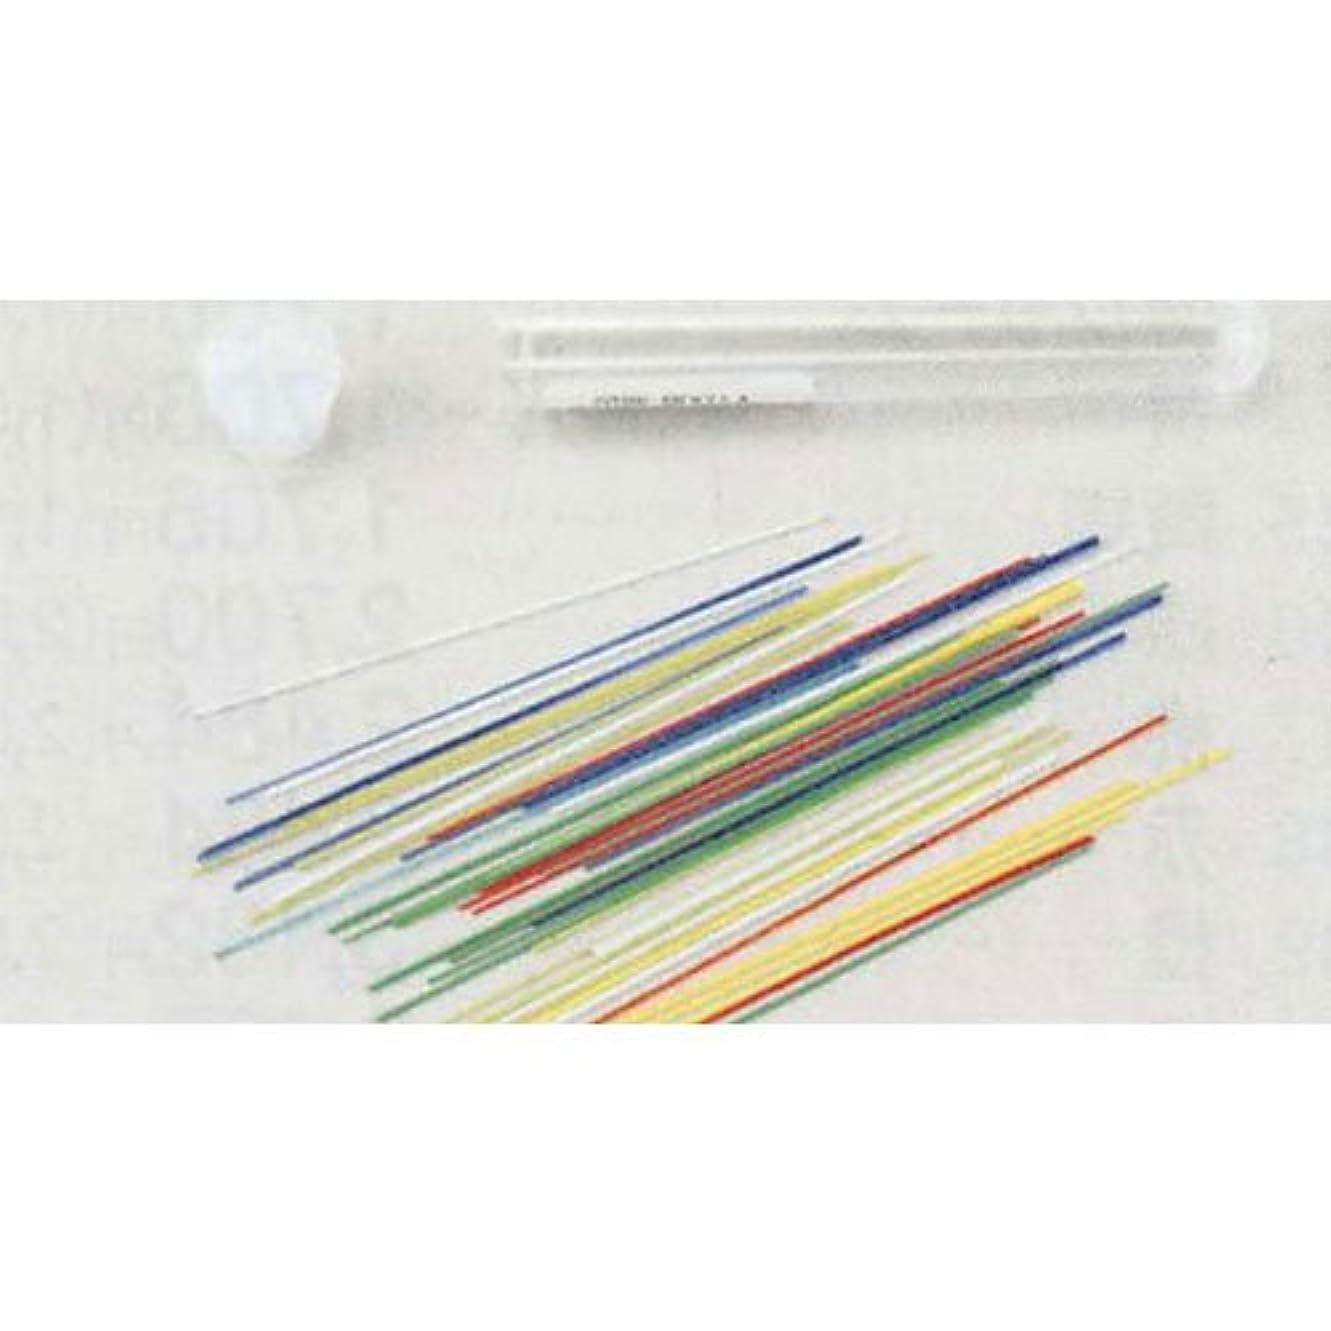 髄解放する成長ベネチアンガラス スレット 混色 5g B15-6280